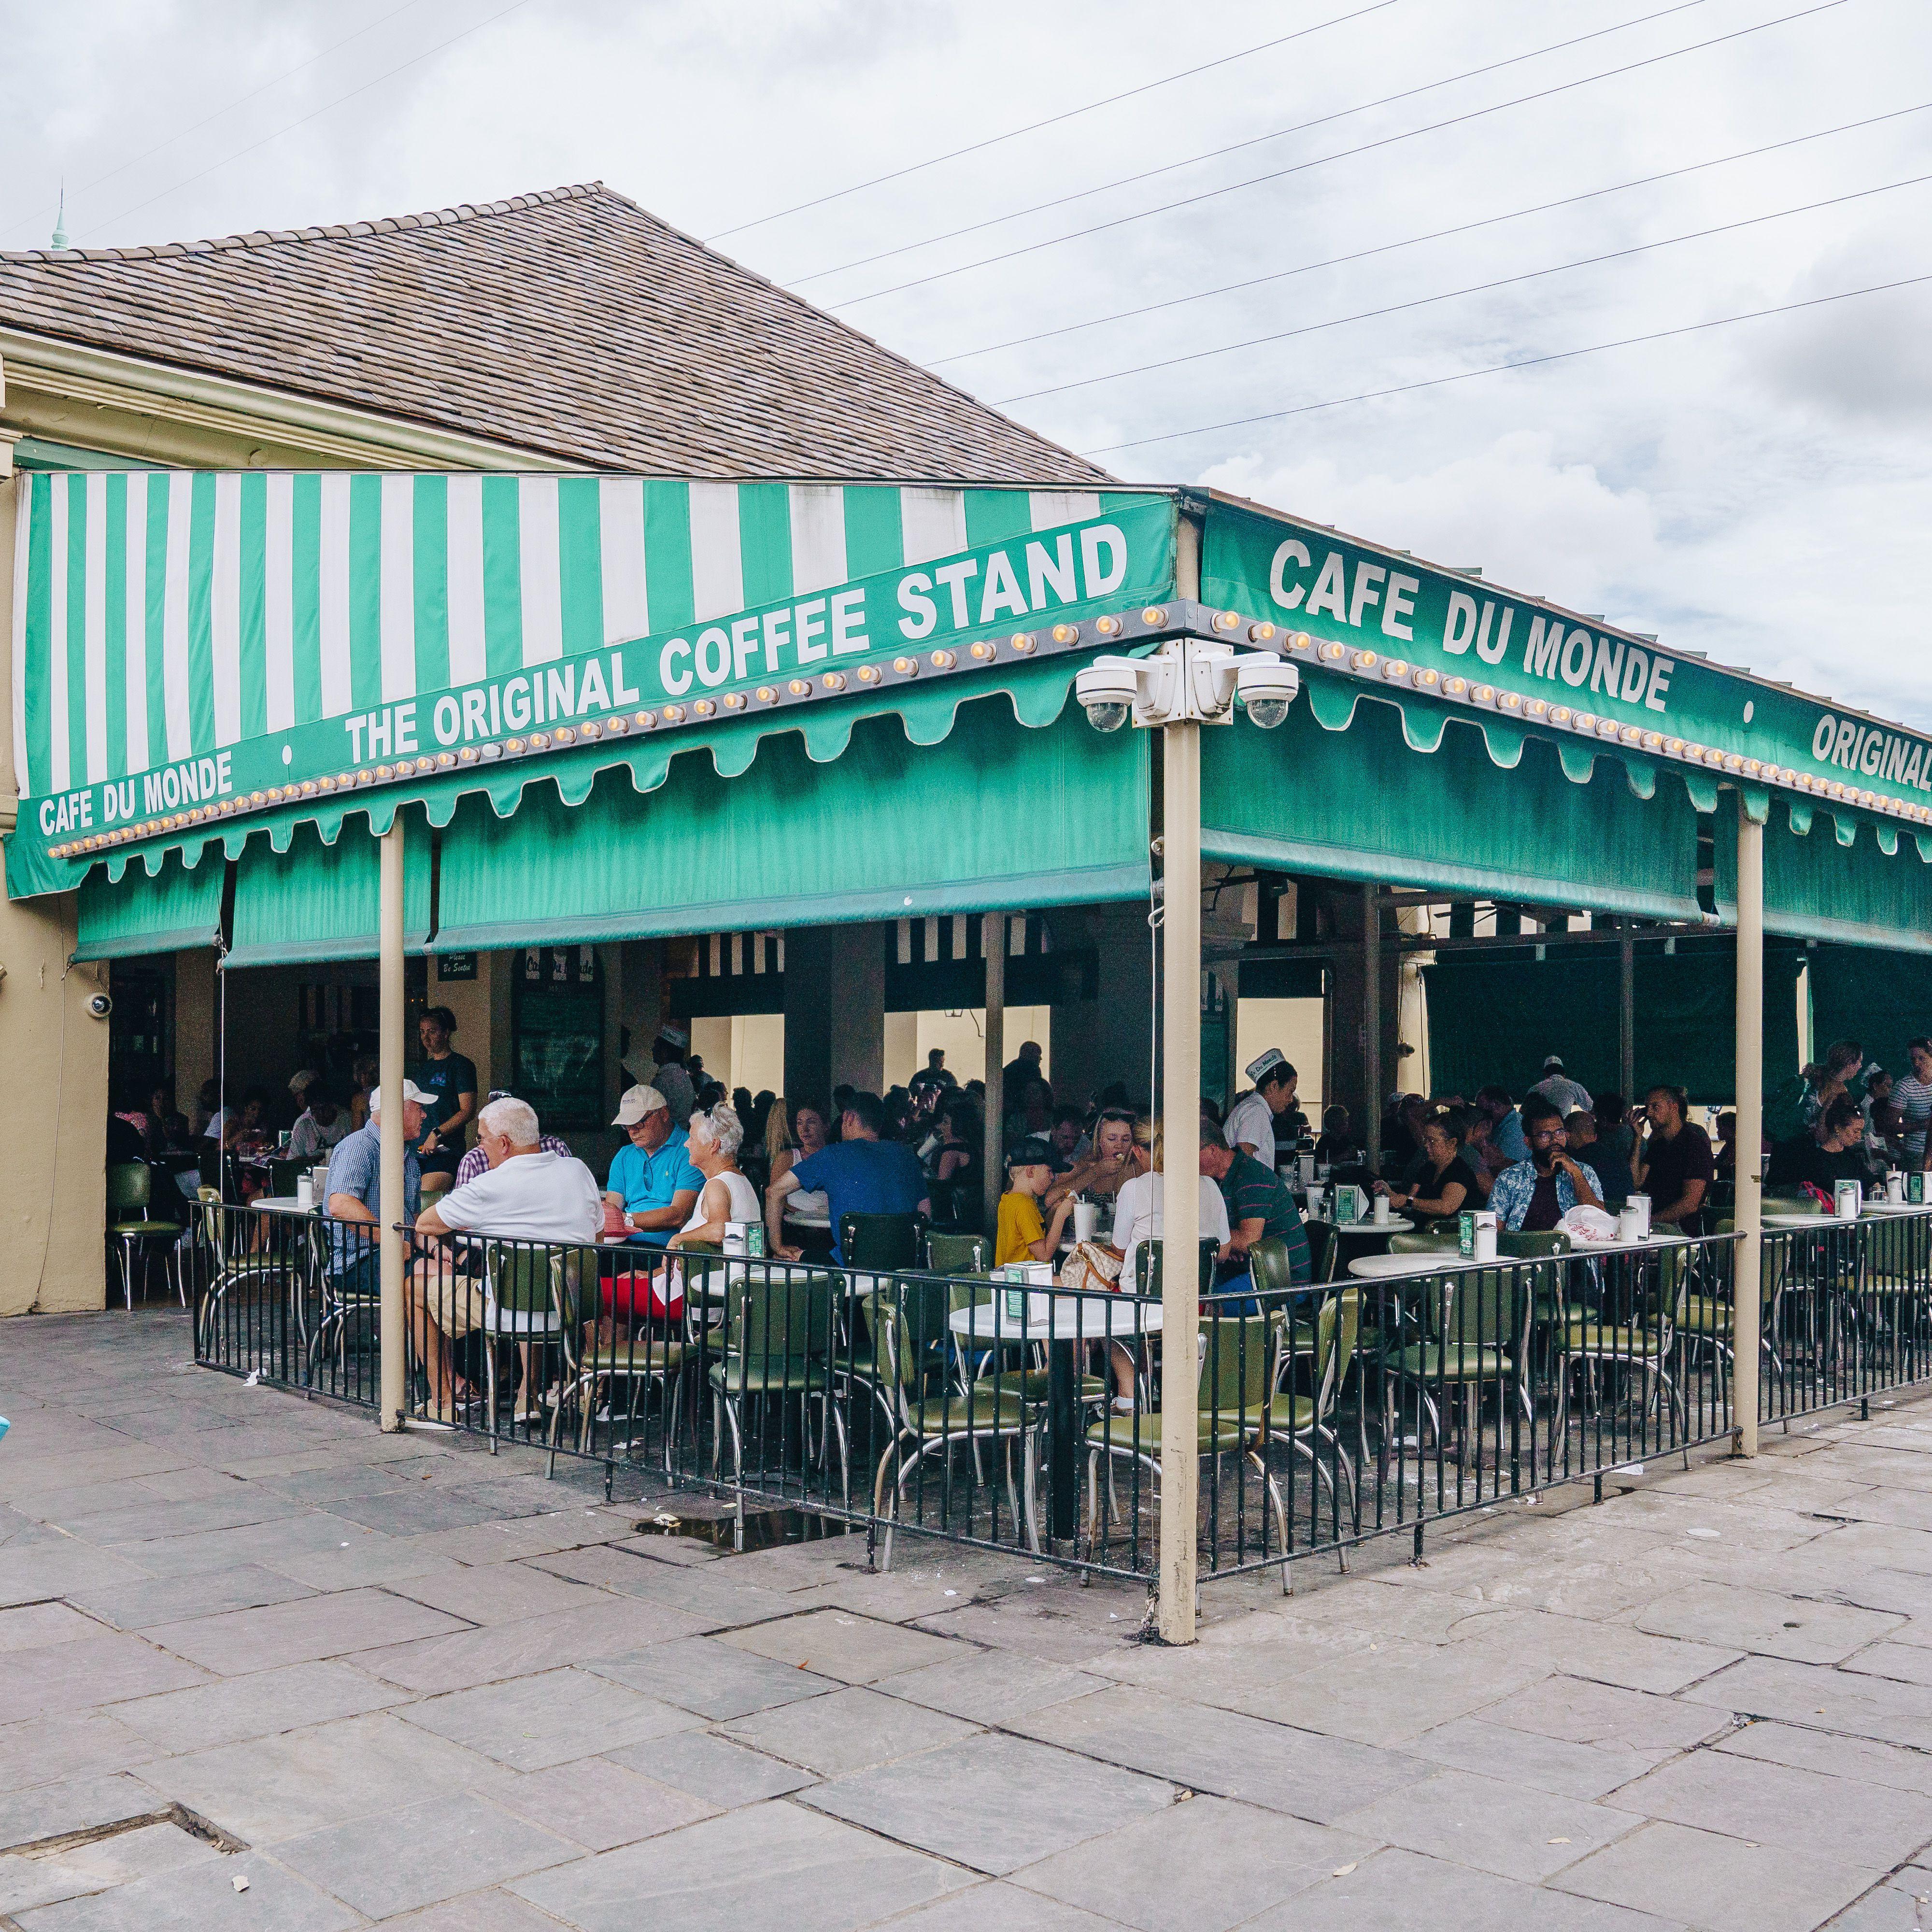 How To Do Cafe Du Monde Like A Local